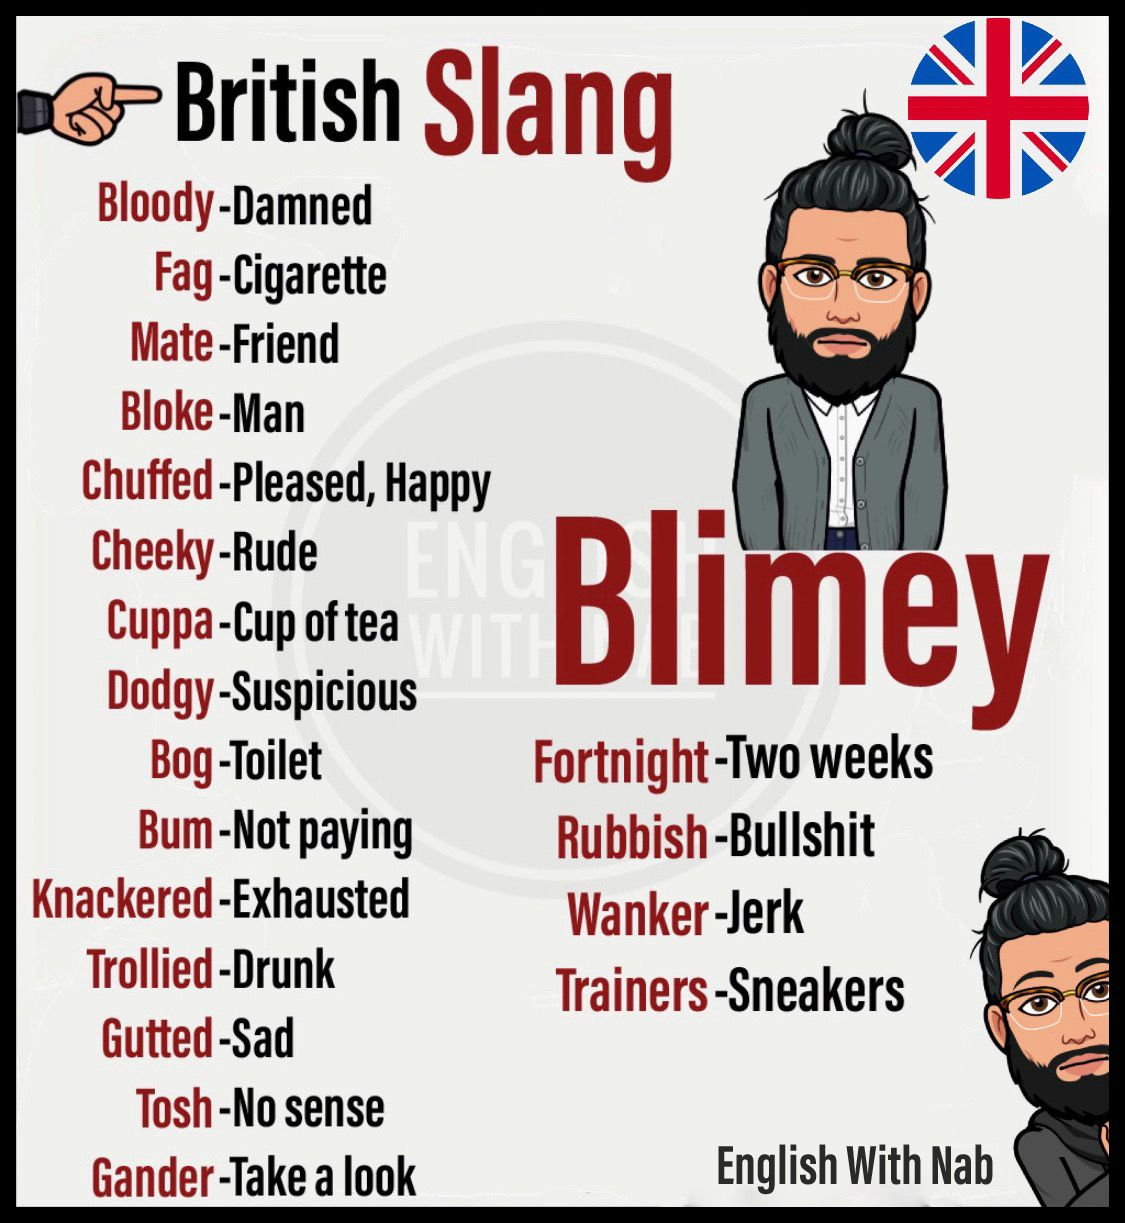 British Slang In